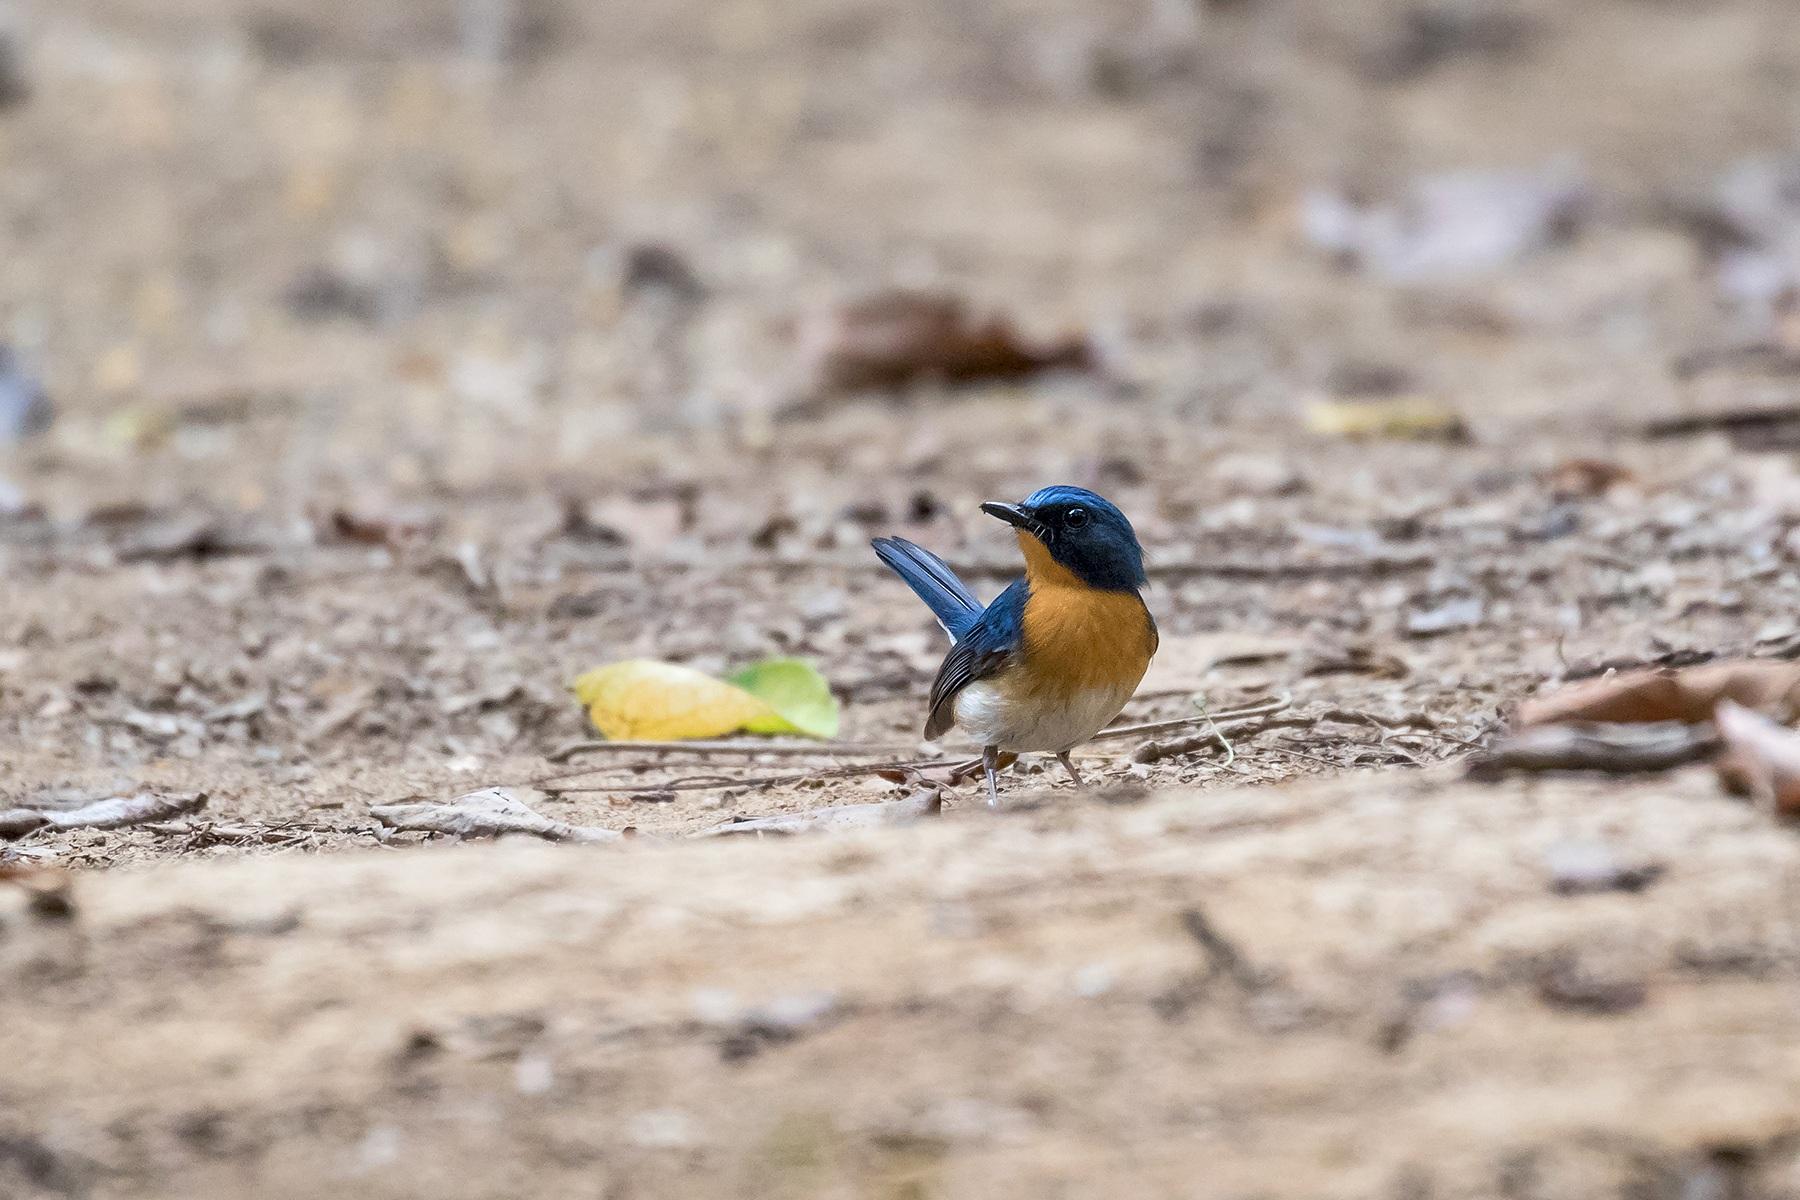 Tickell's Blue Flycatcher male